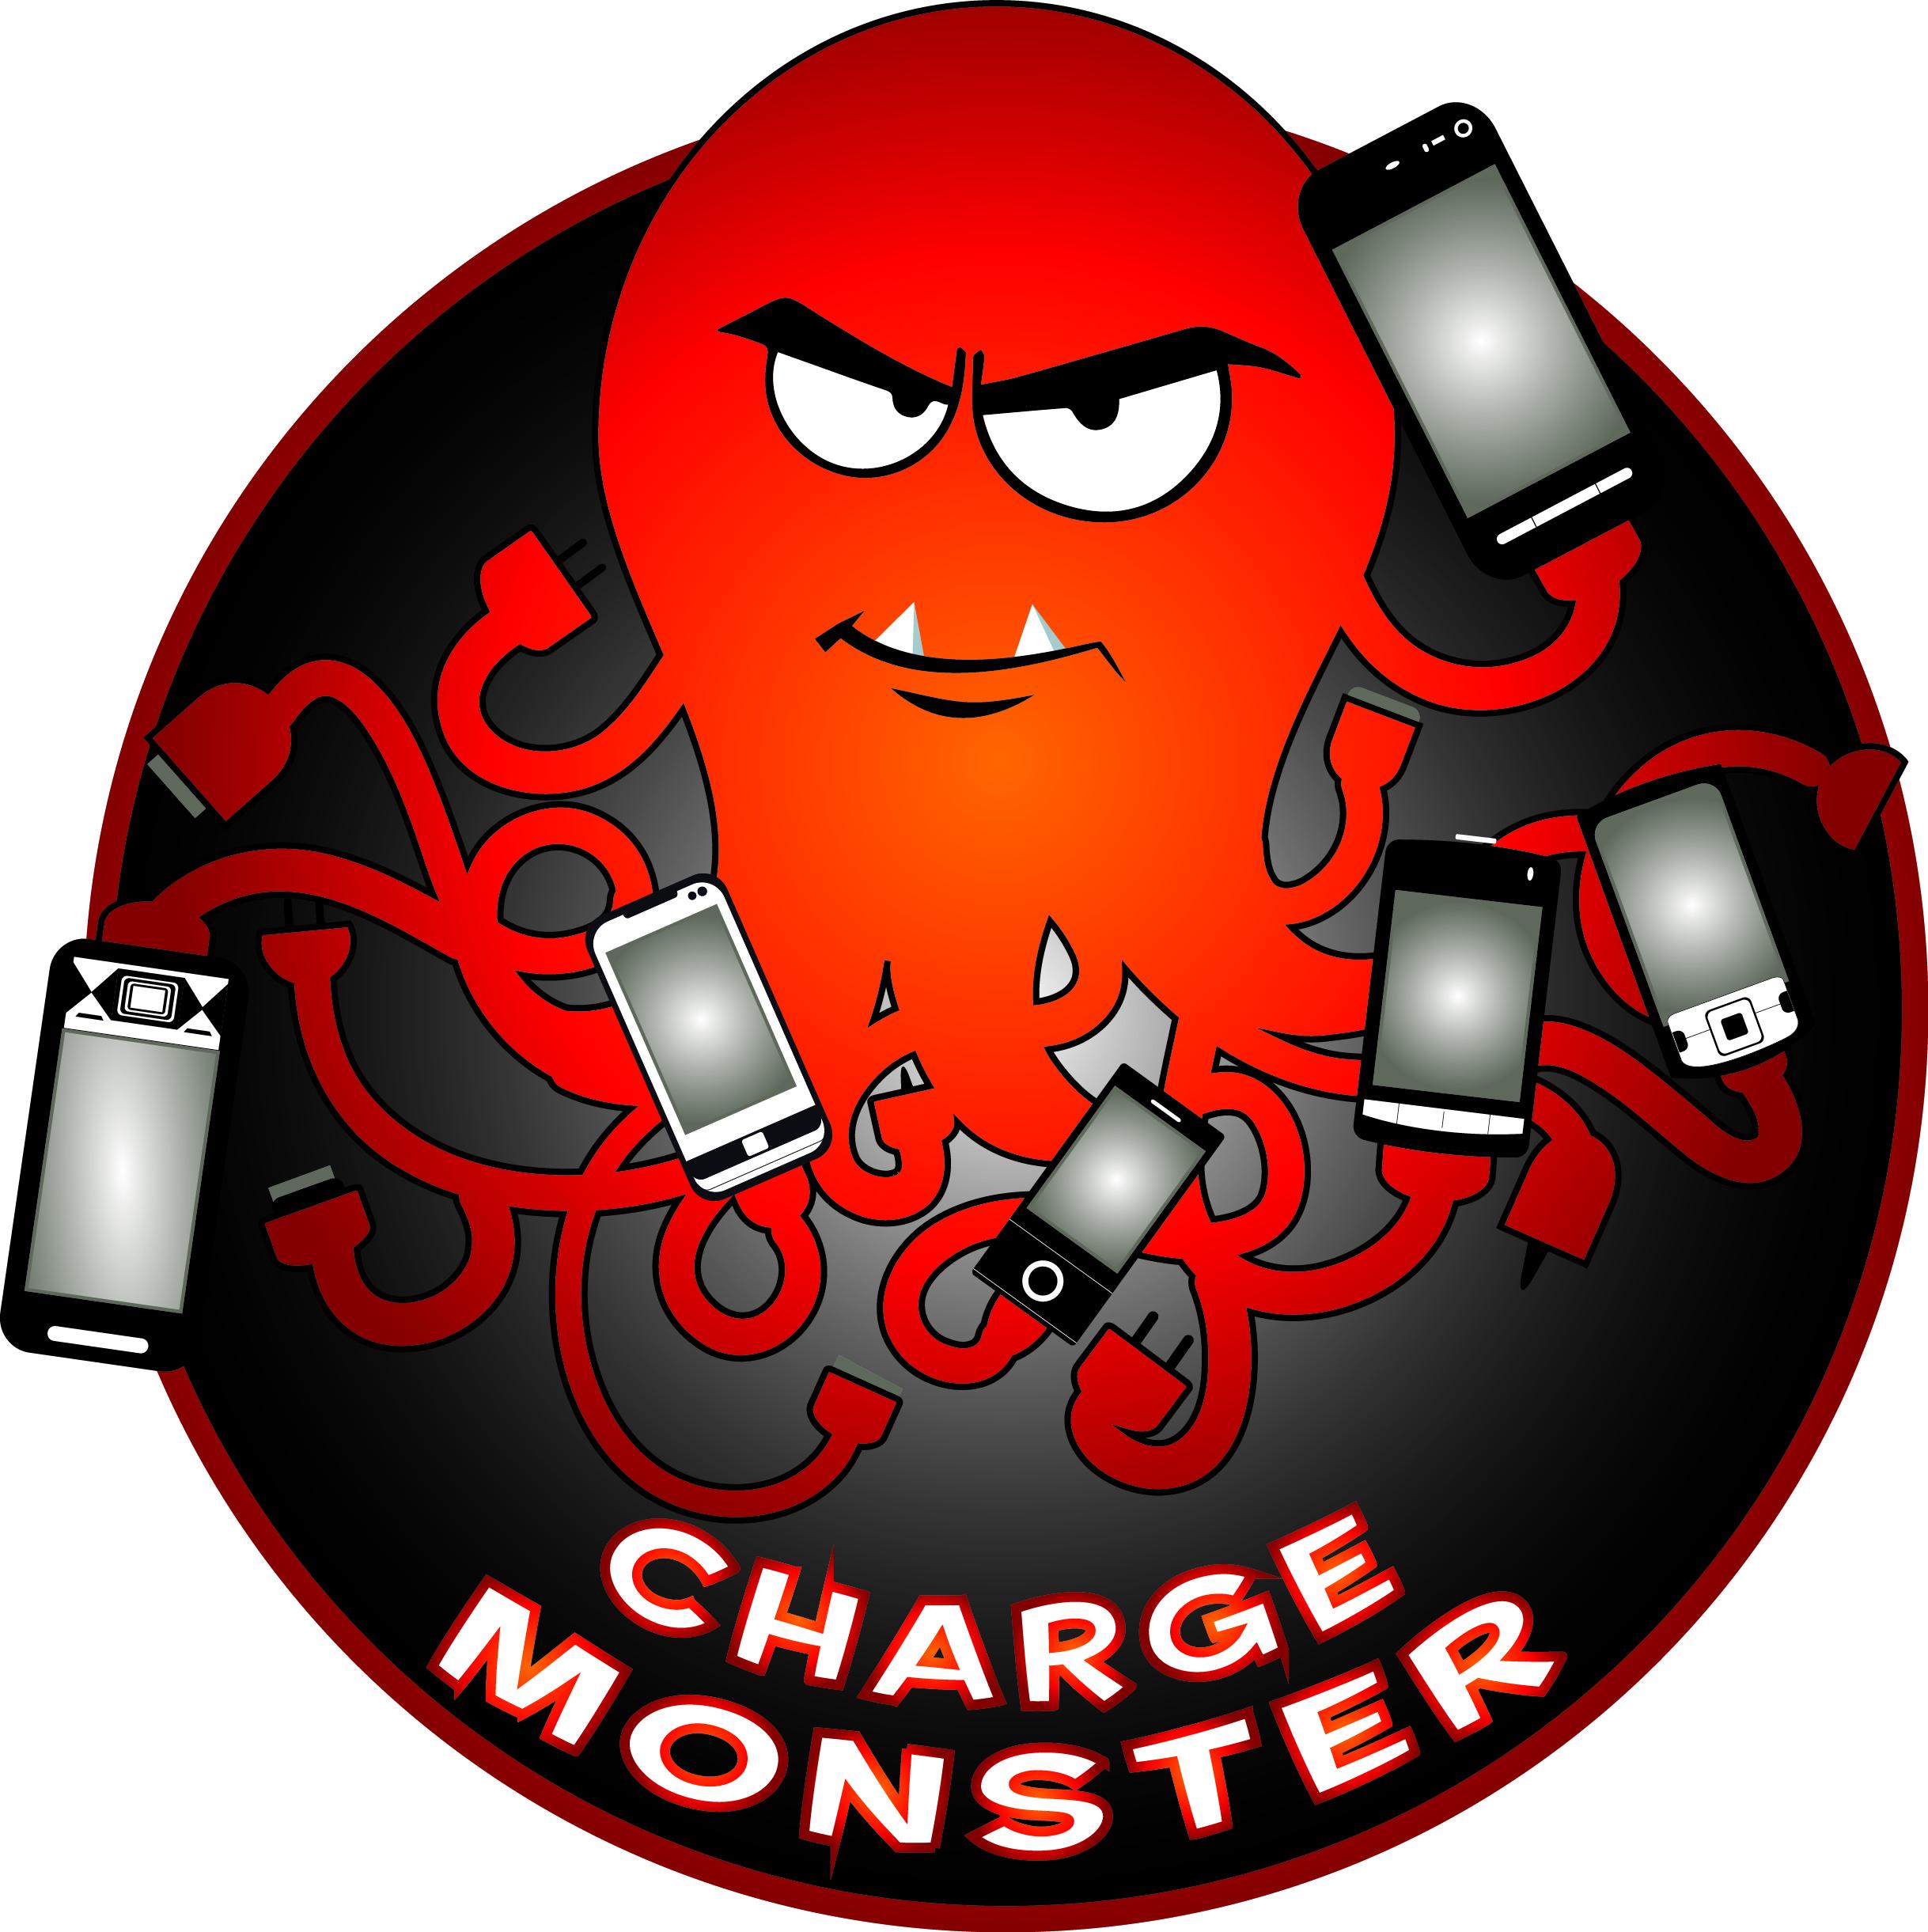 2437x2442 Amplify Design Charge Monster Logo Design Amplify Design